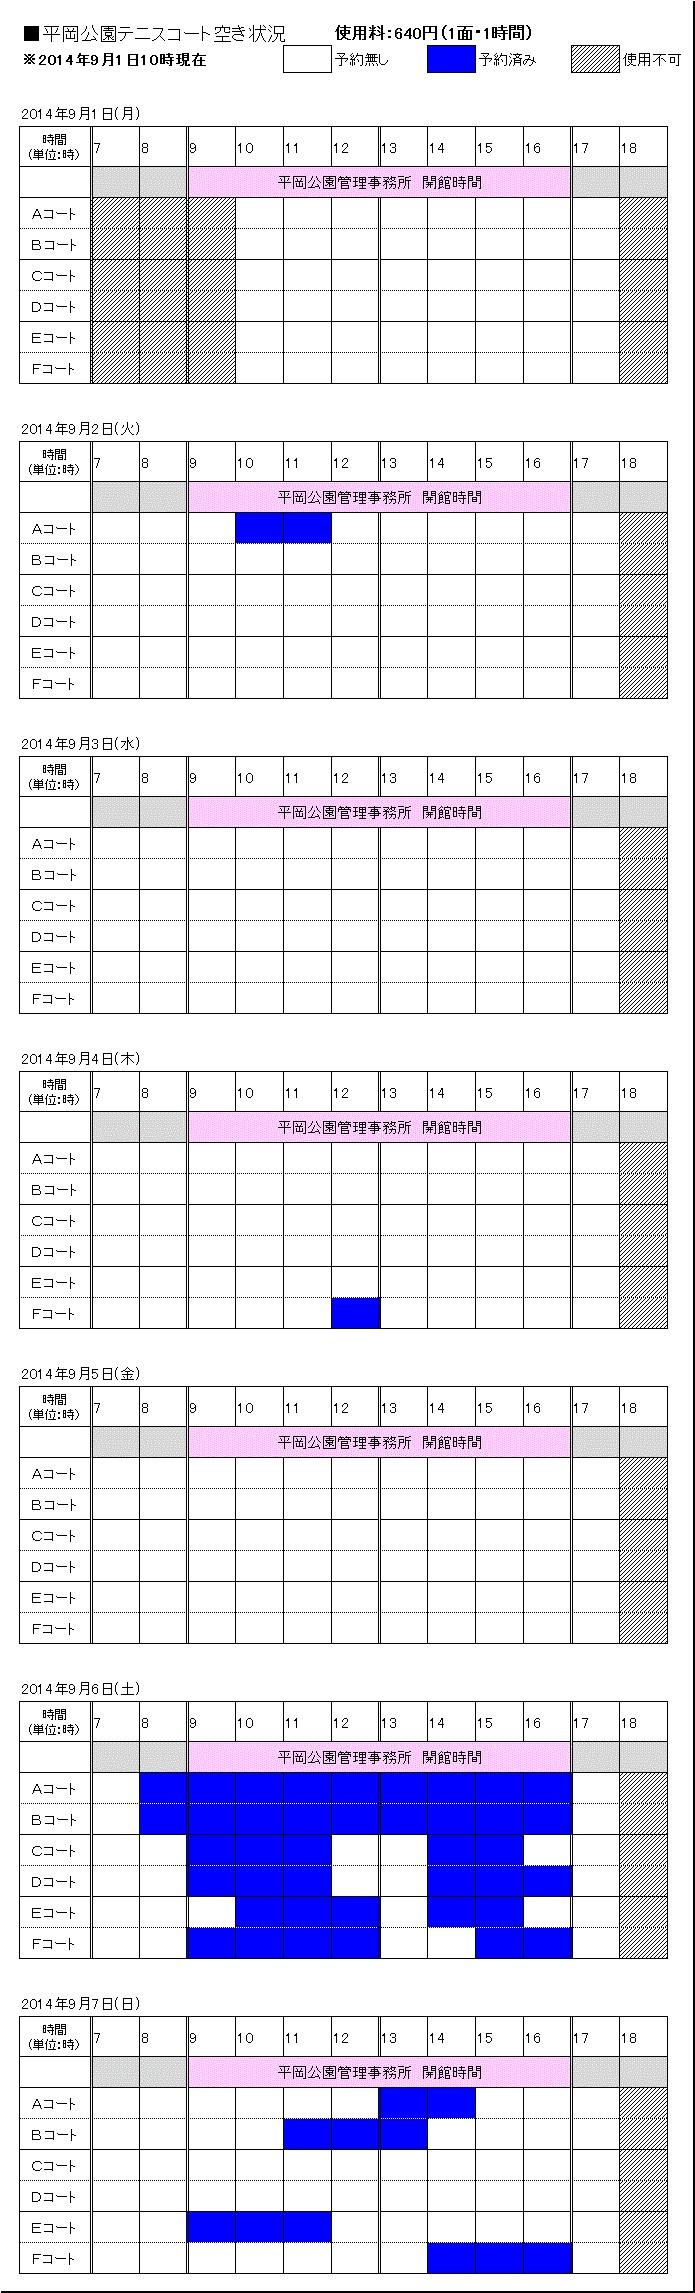 9/1(月)~9/7(日) テニスコート予約状況